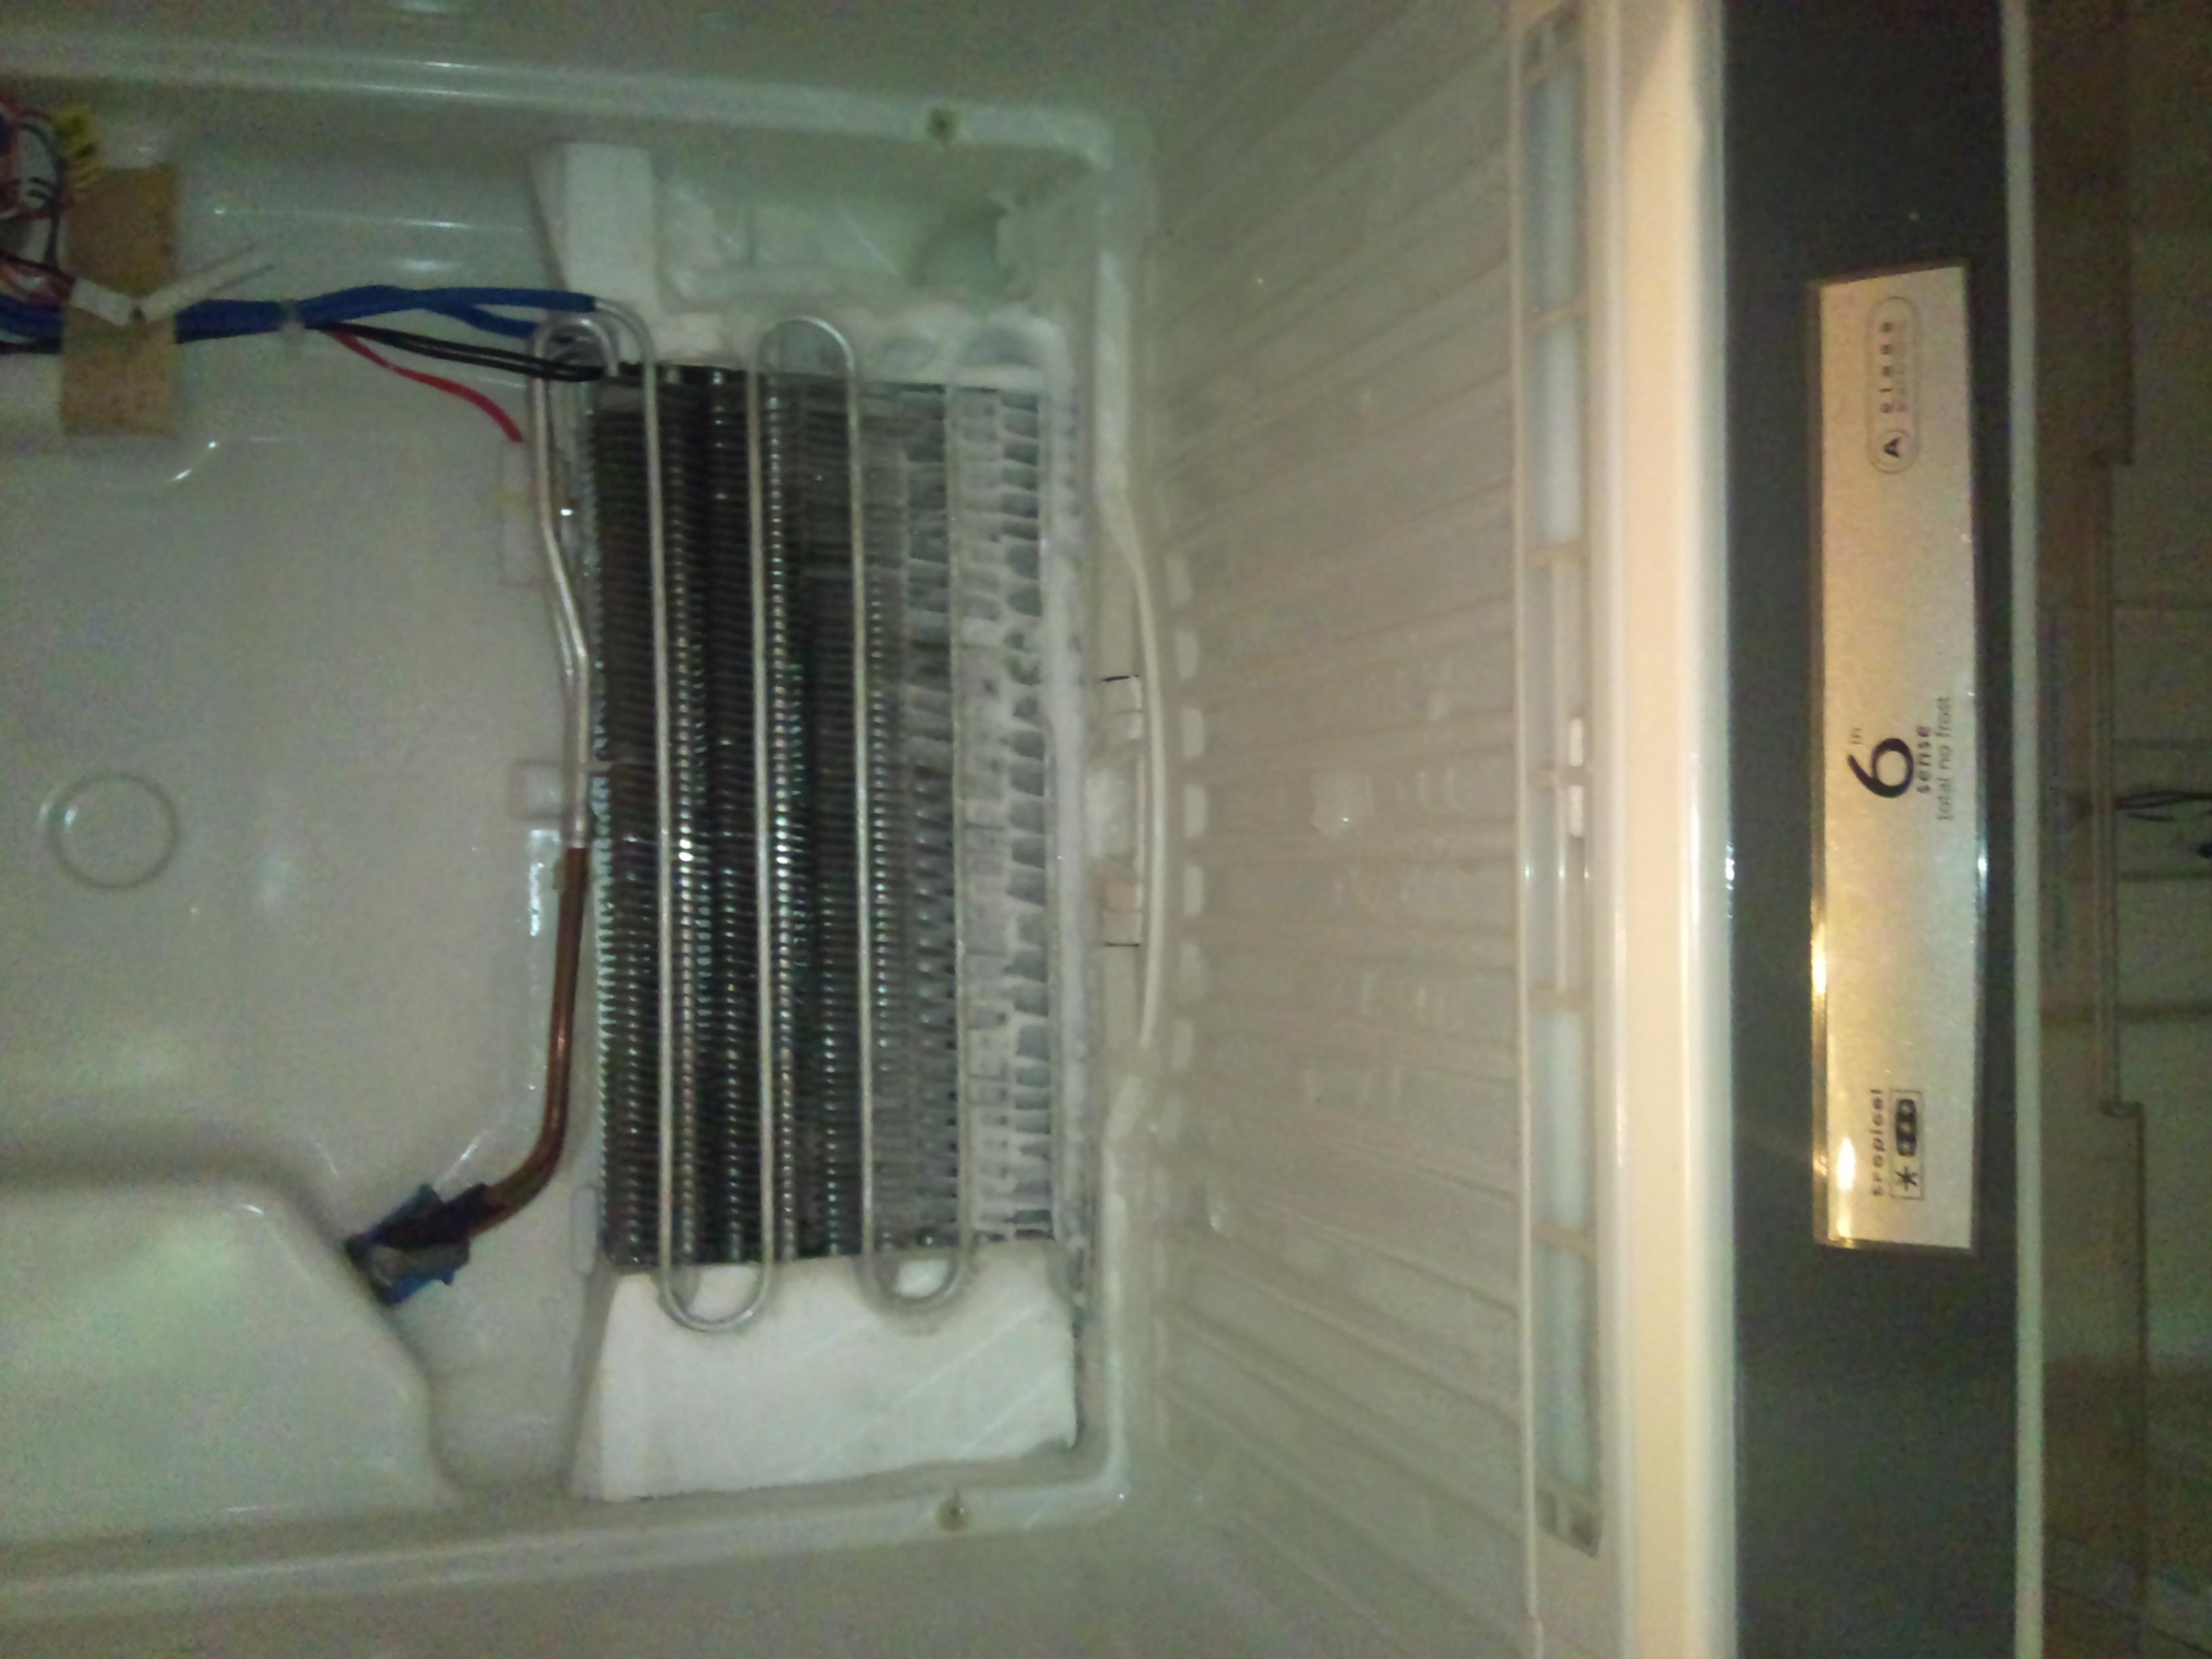 Lod�wka Whirlpool ARC 4190/2 IX - mrozi ale nie ch�odzi.